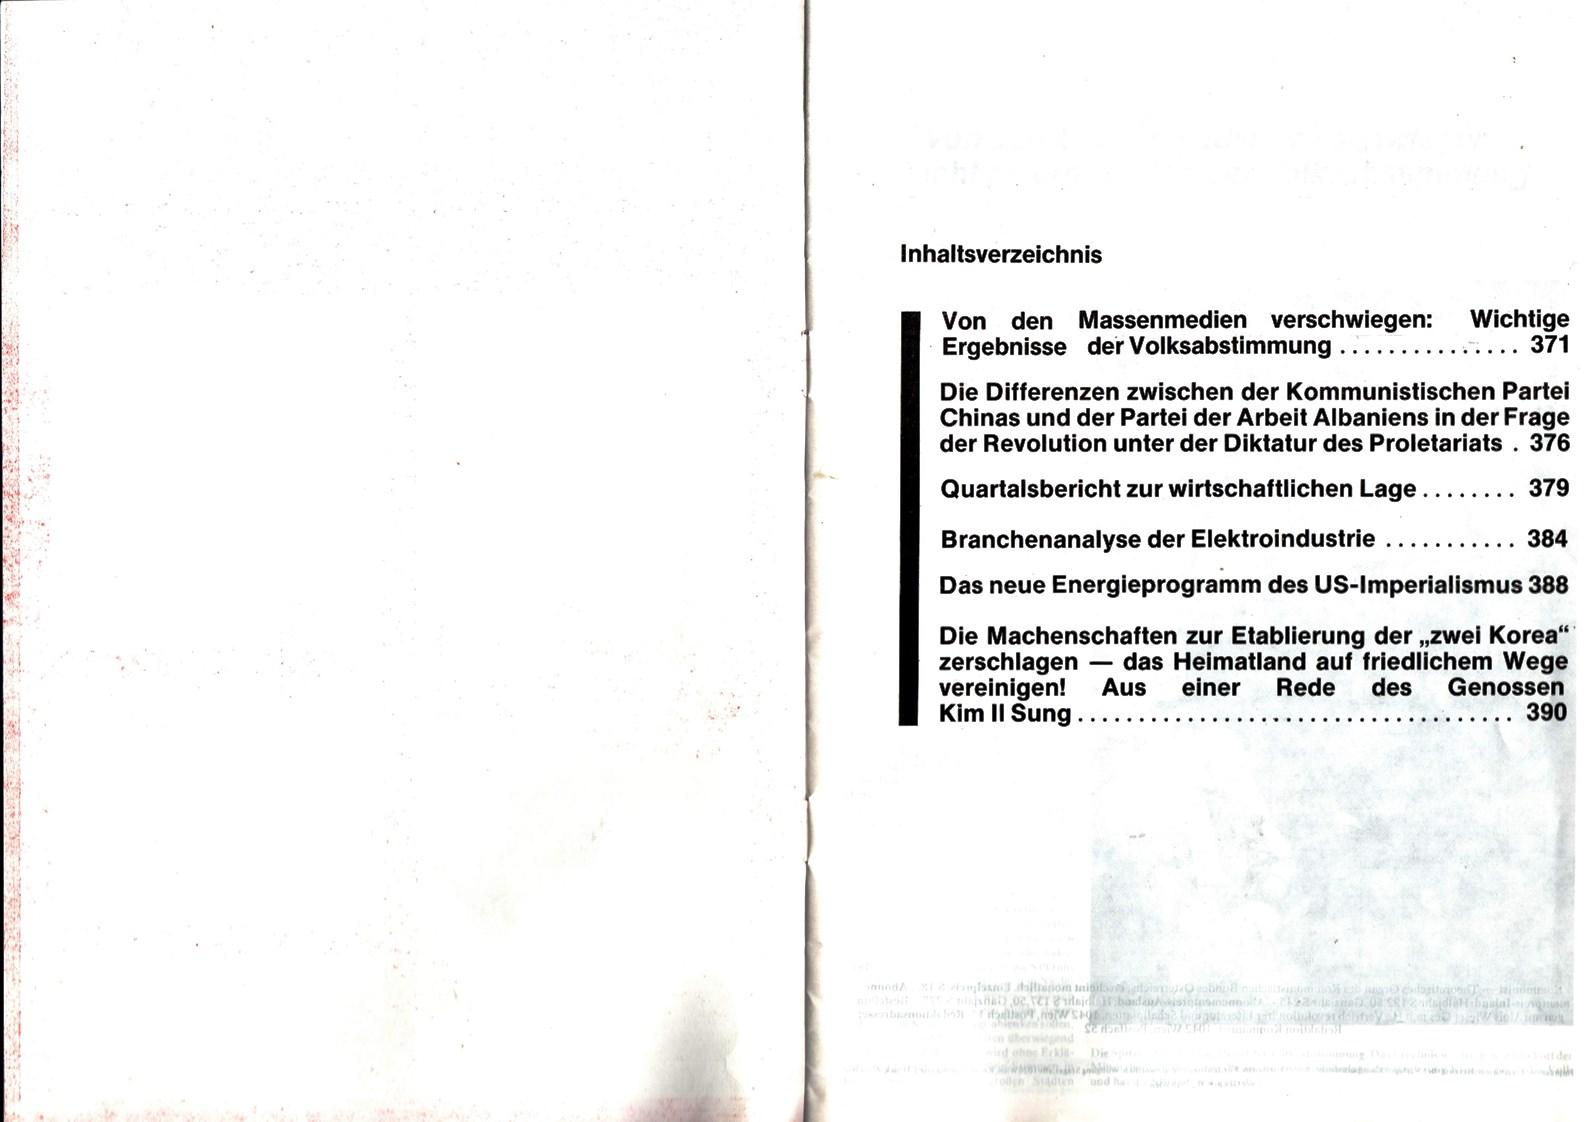 KBOe_TO_Kommunist_19781100_009_002